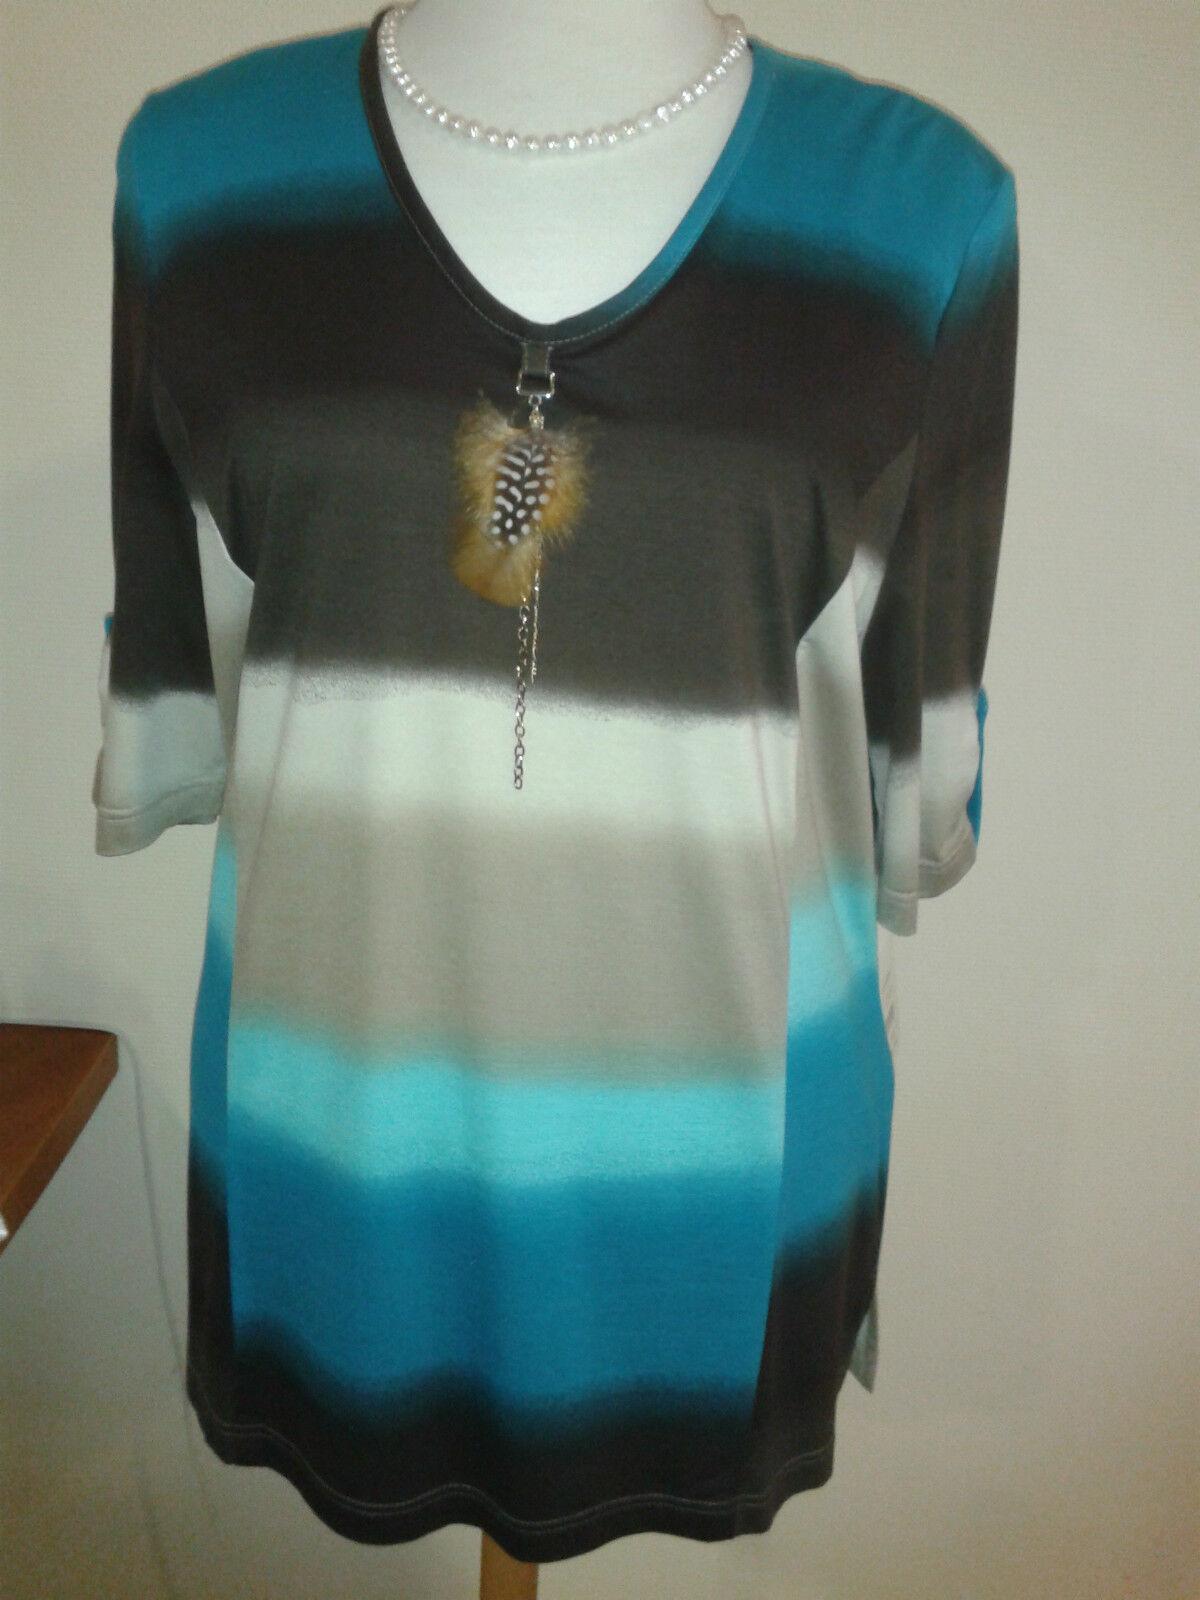 Chalou Damen 1 2 Arm Shirt modisch braun türkis mit Feder Gr.44 große Größen